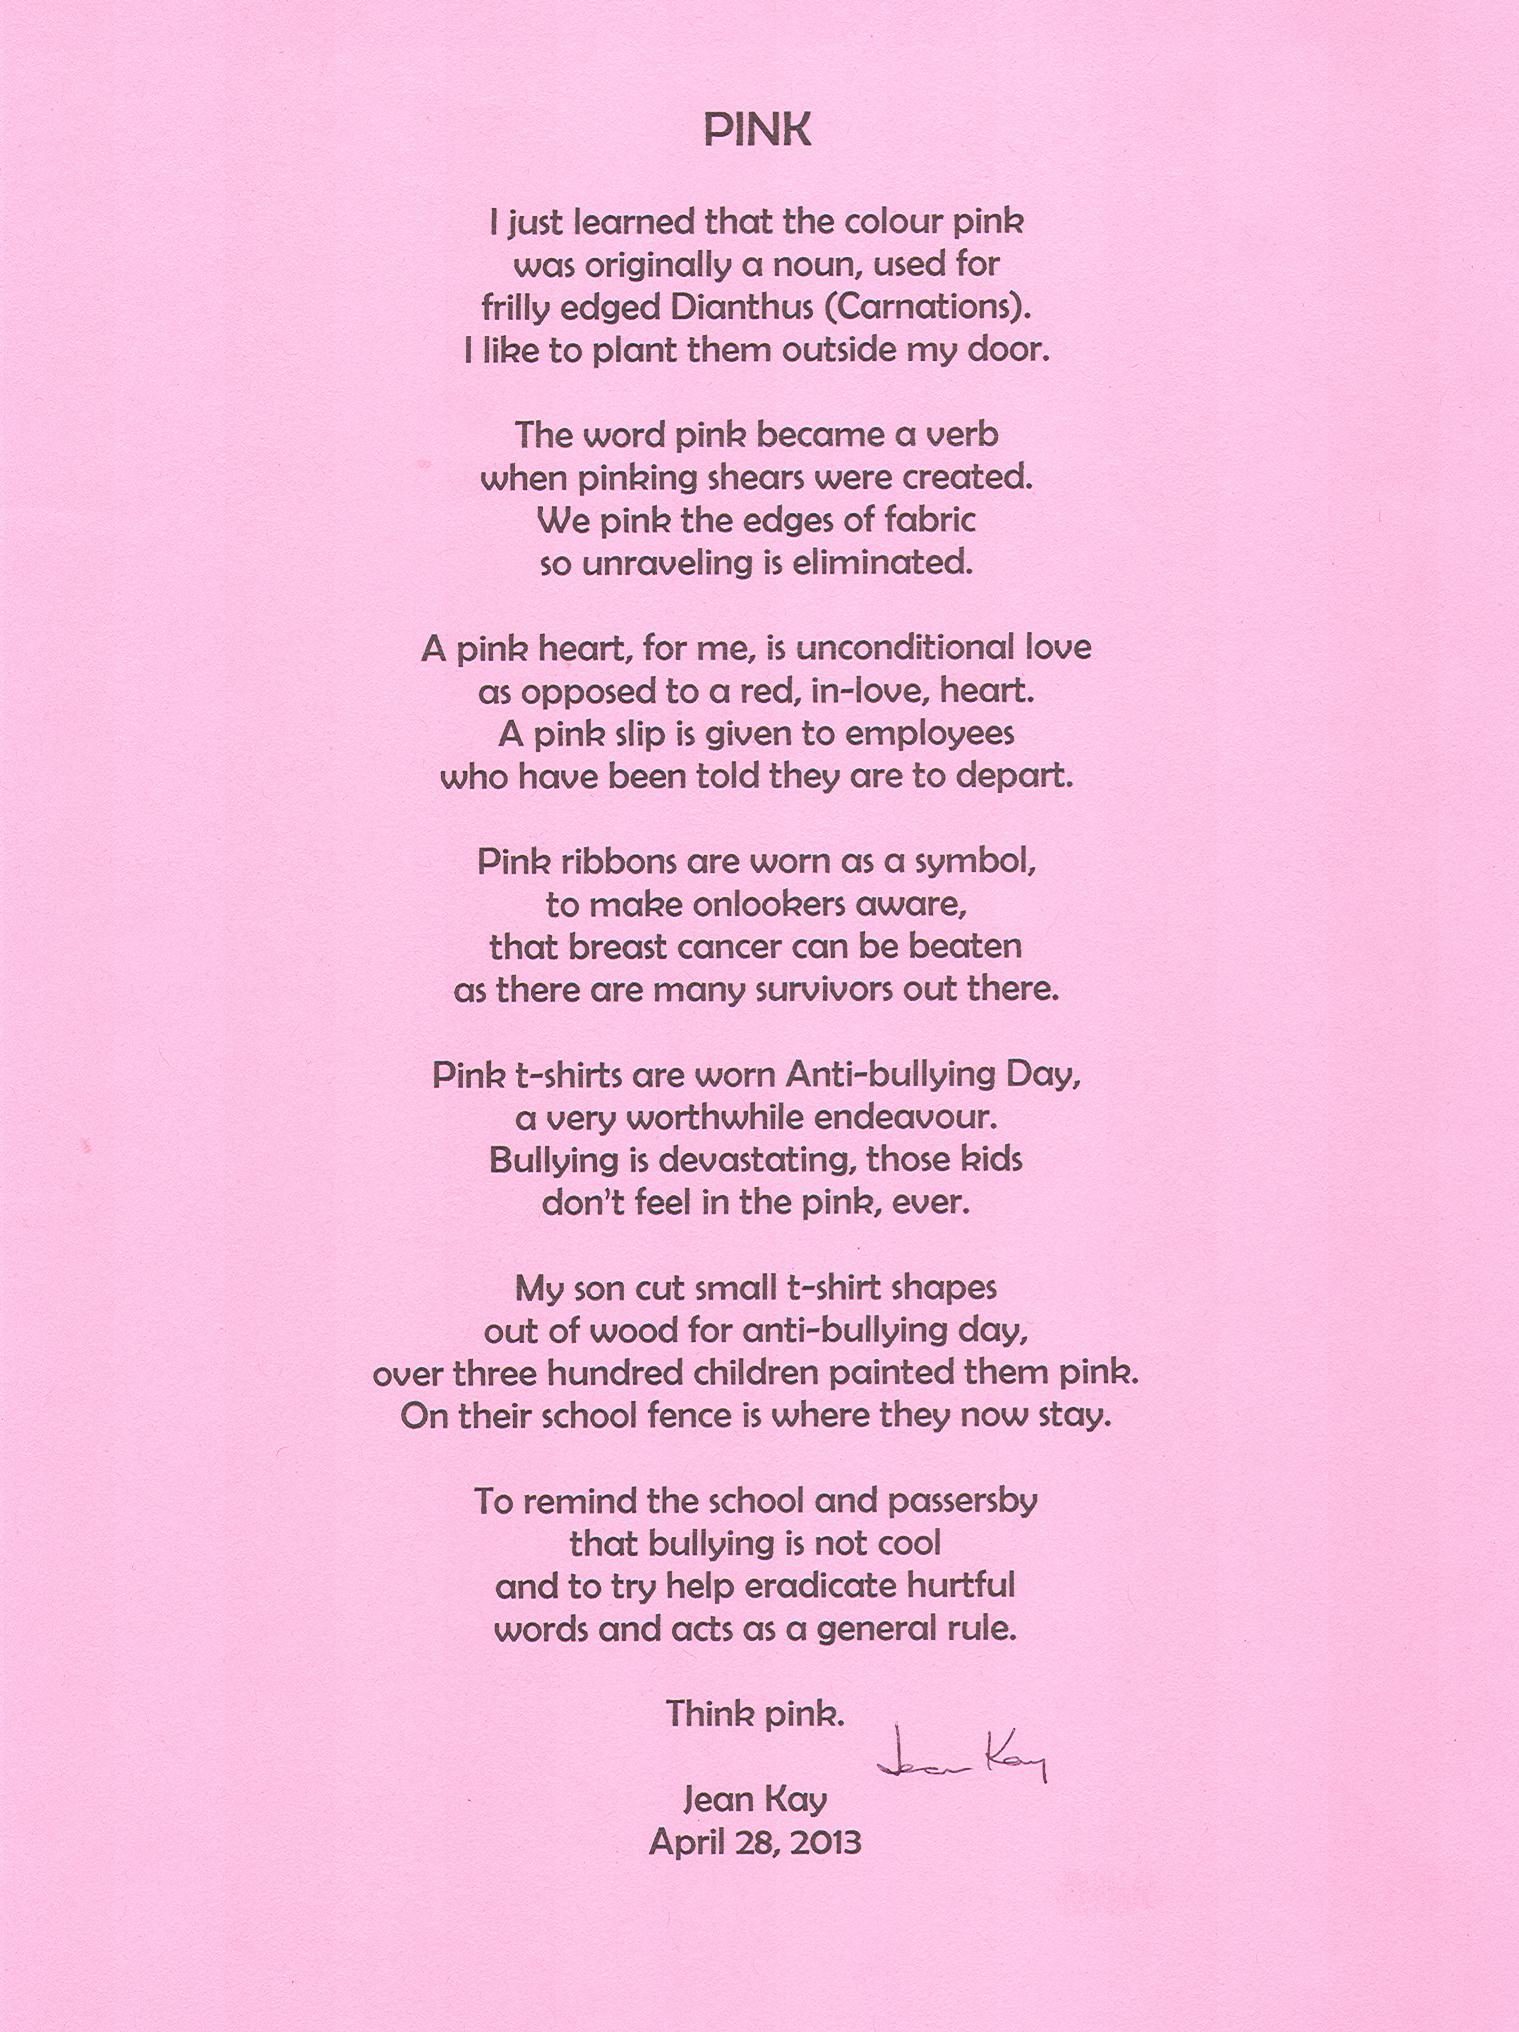 Pink Poem By Jean Kay